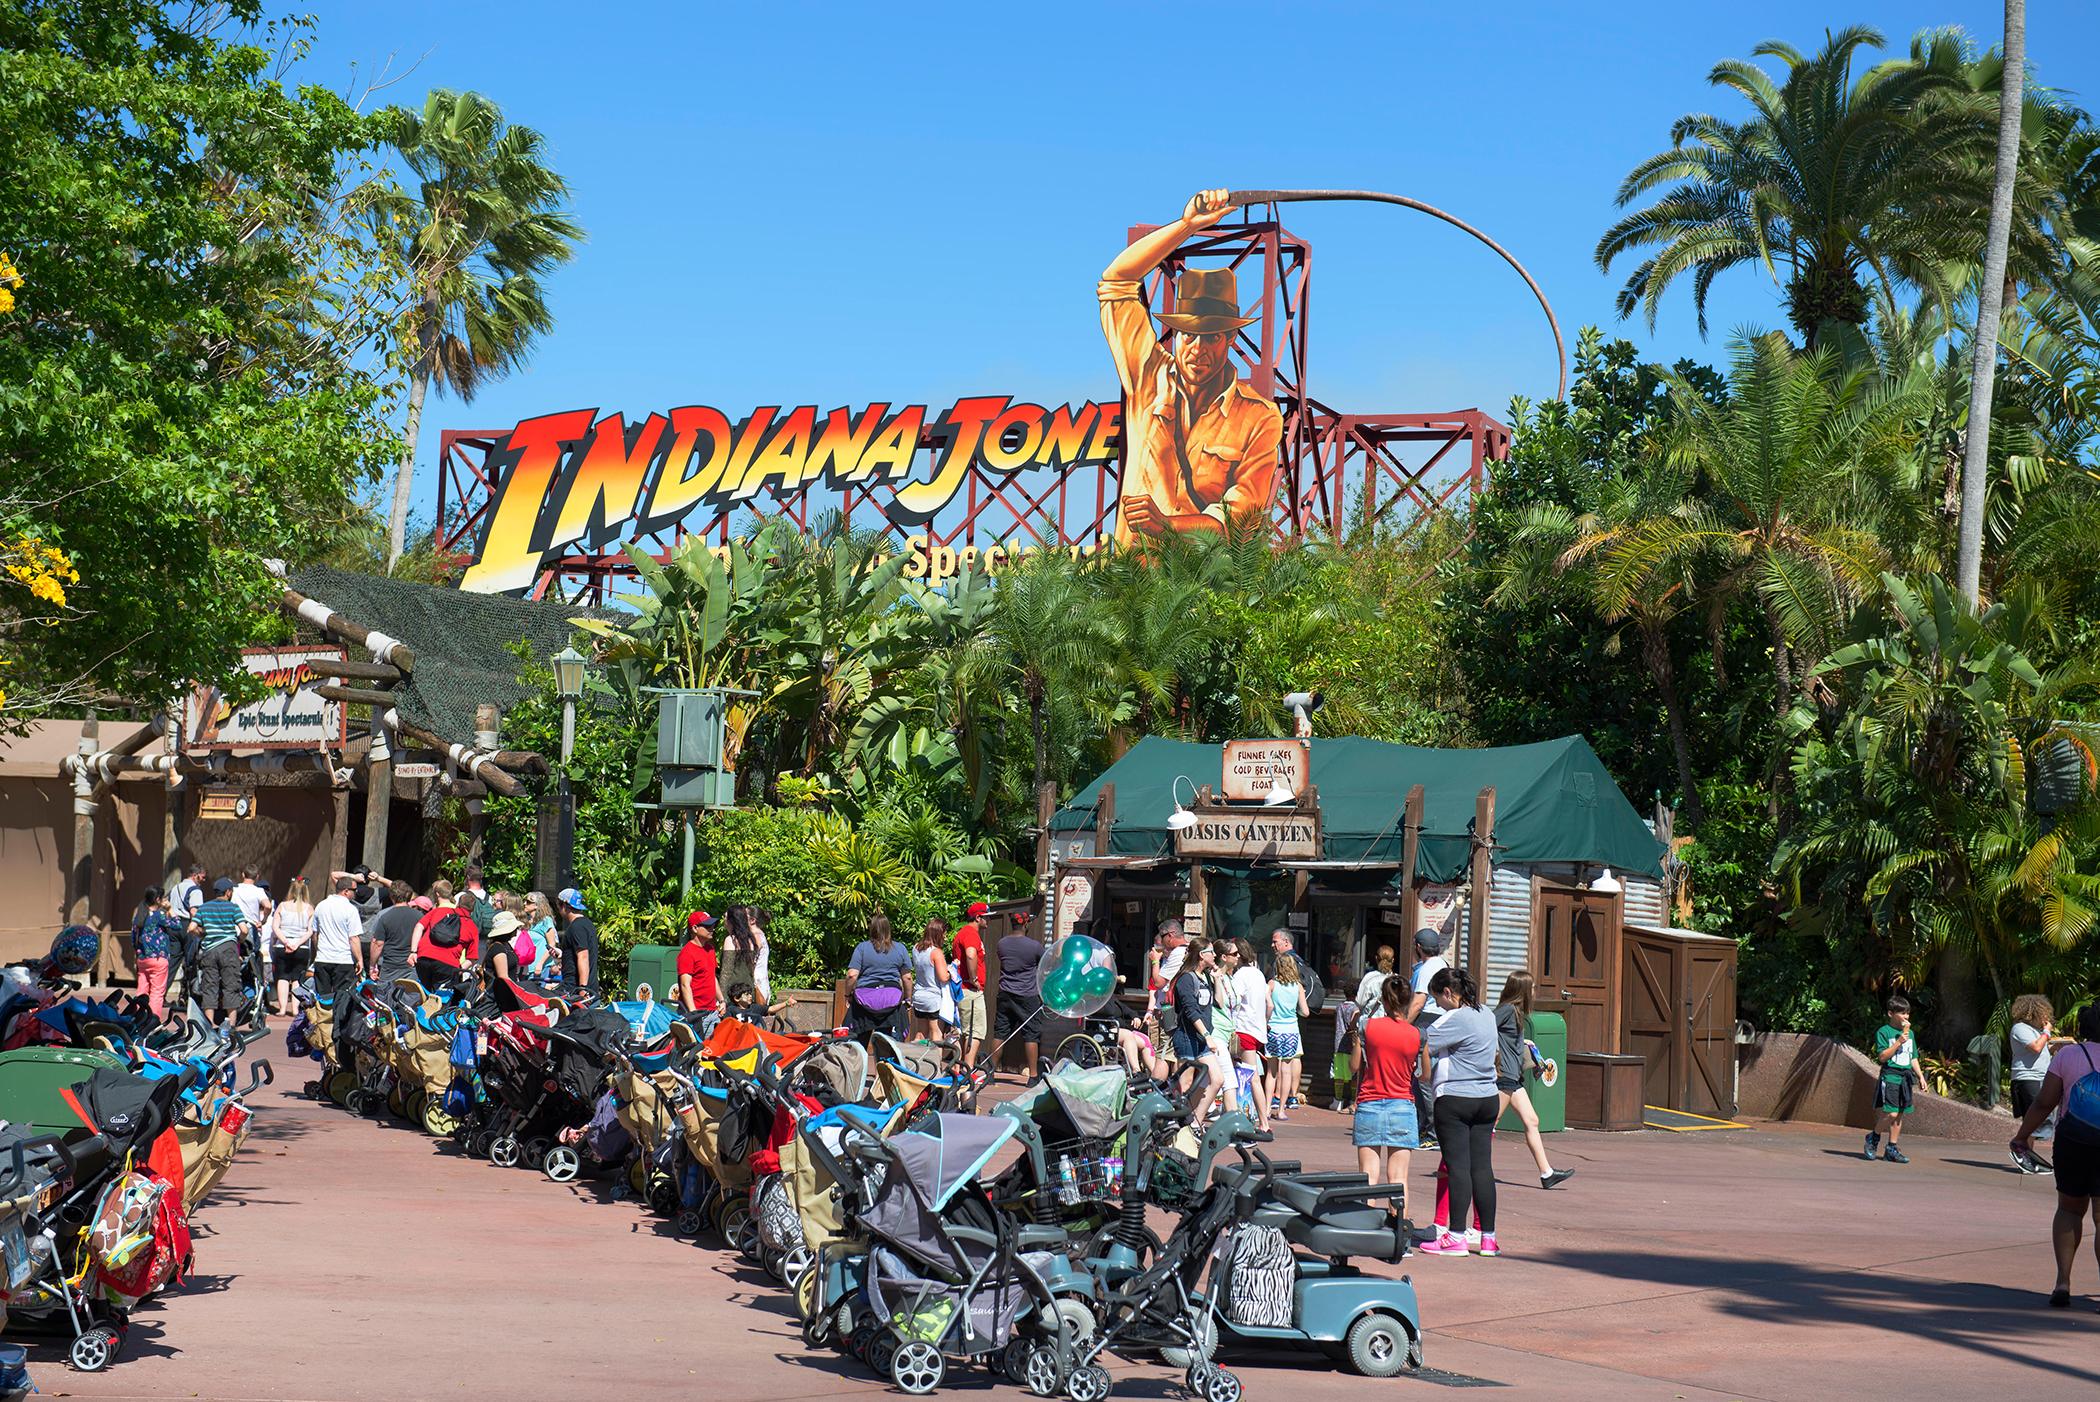 Indiana Jones Epic Stunt Spectacular, Disney World, Orlando, Florida